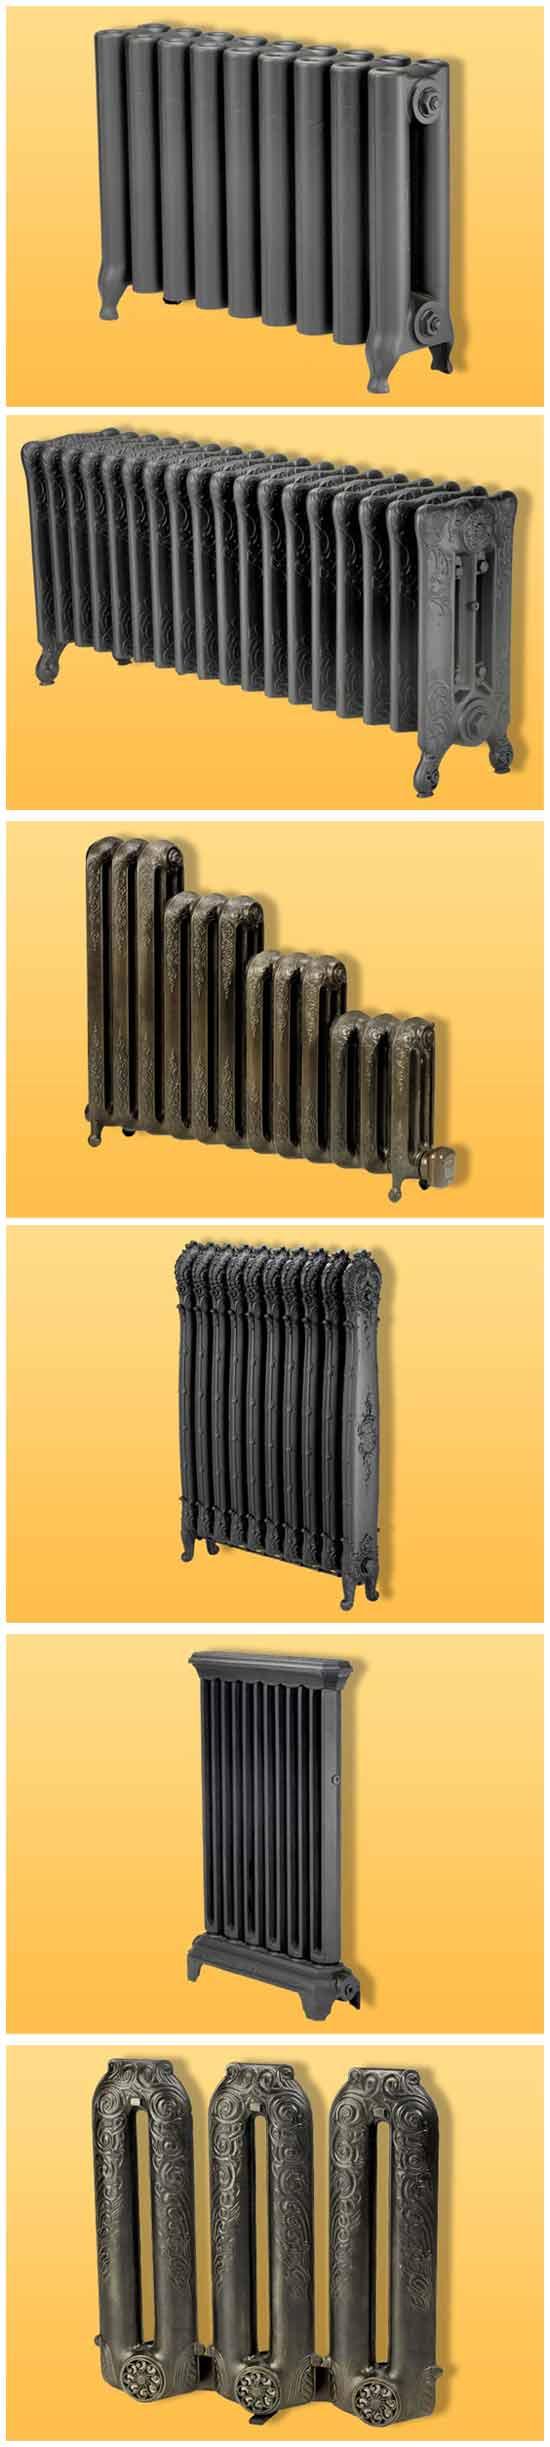 Бизнес идеи в сфере апциклинга: Стильные батареи из старых радиаторов